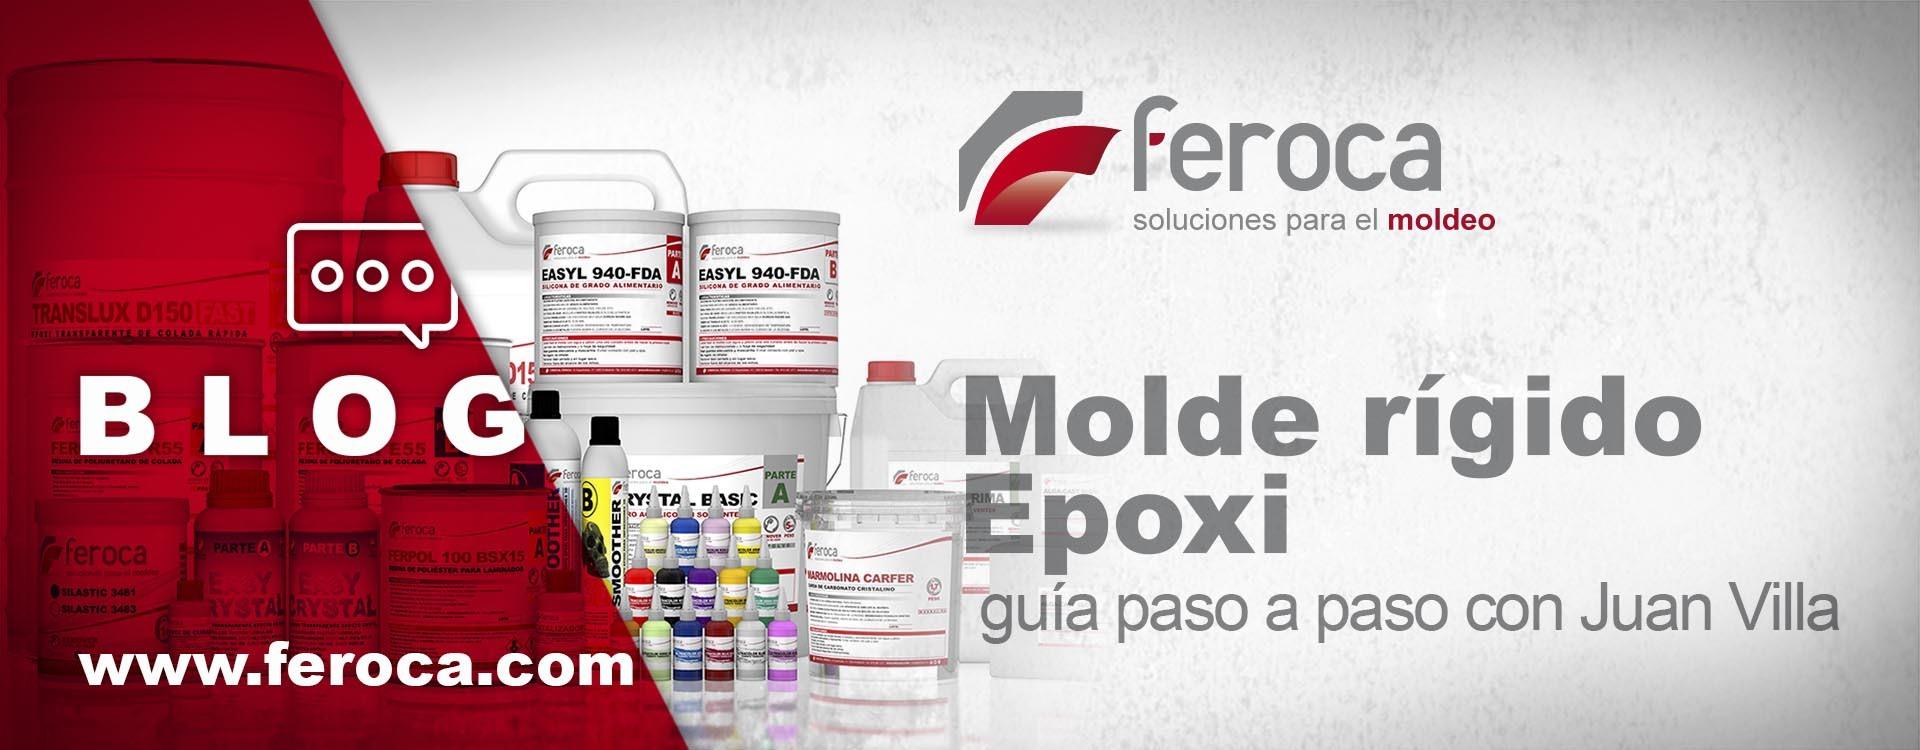 Cómo hacer un molde rígido Epoxi, compatible con siliconas de platino